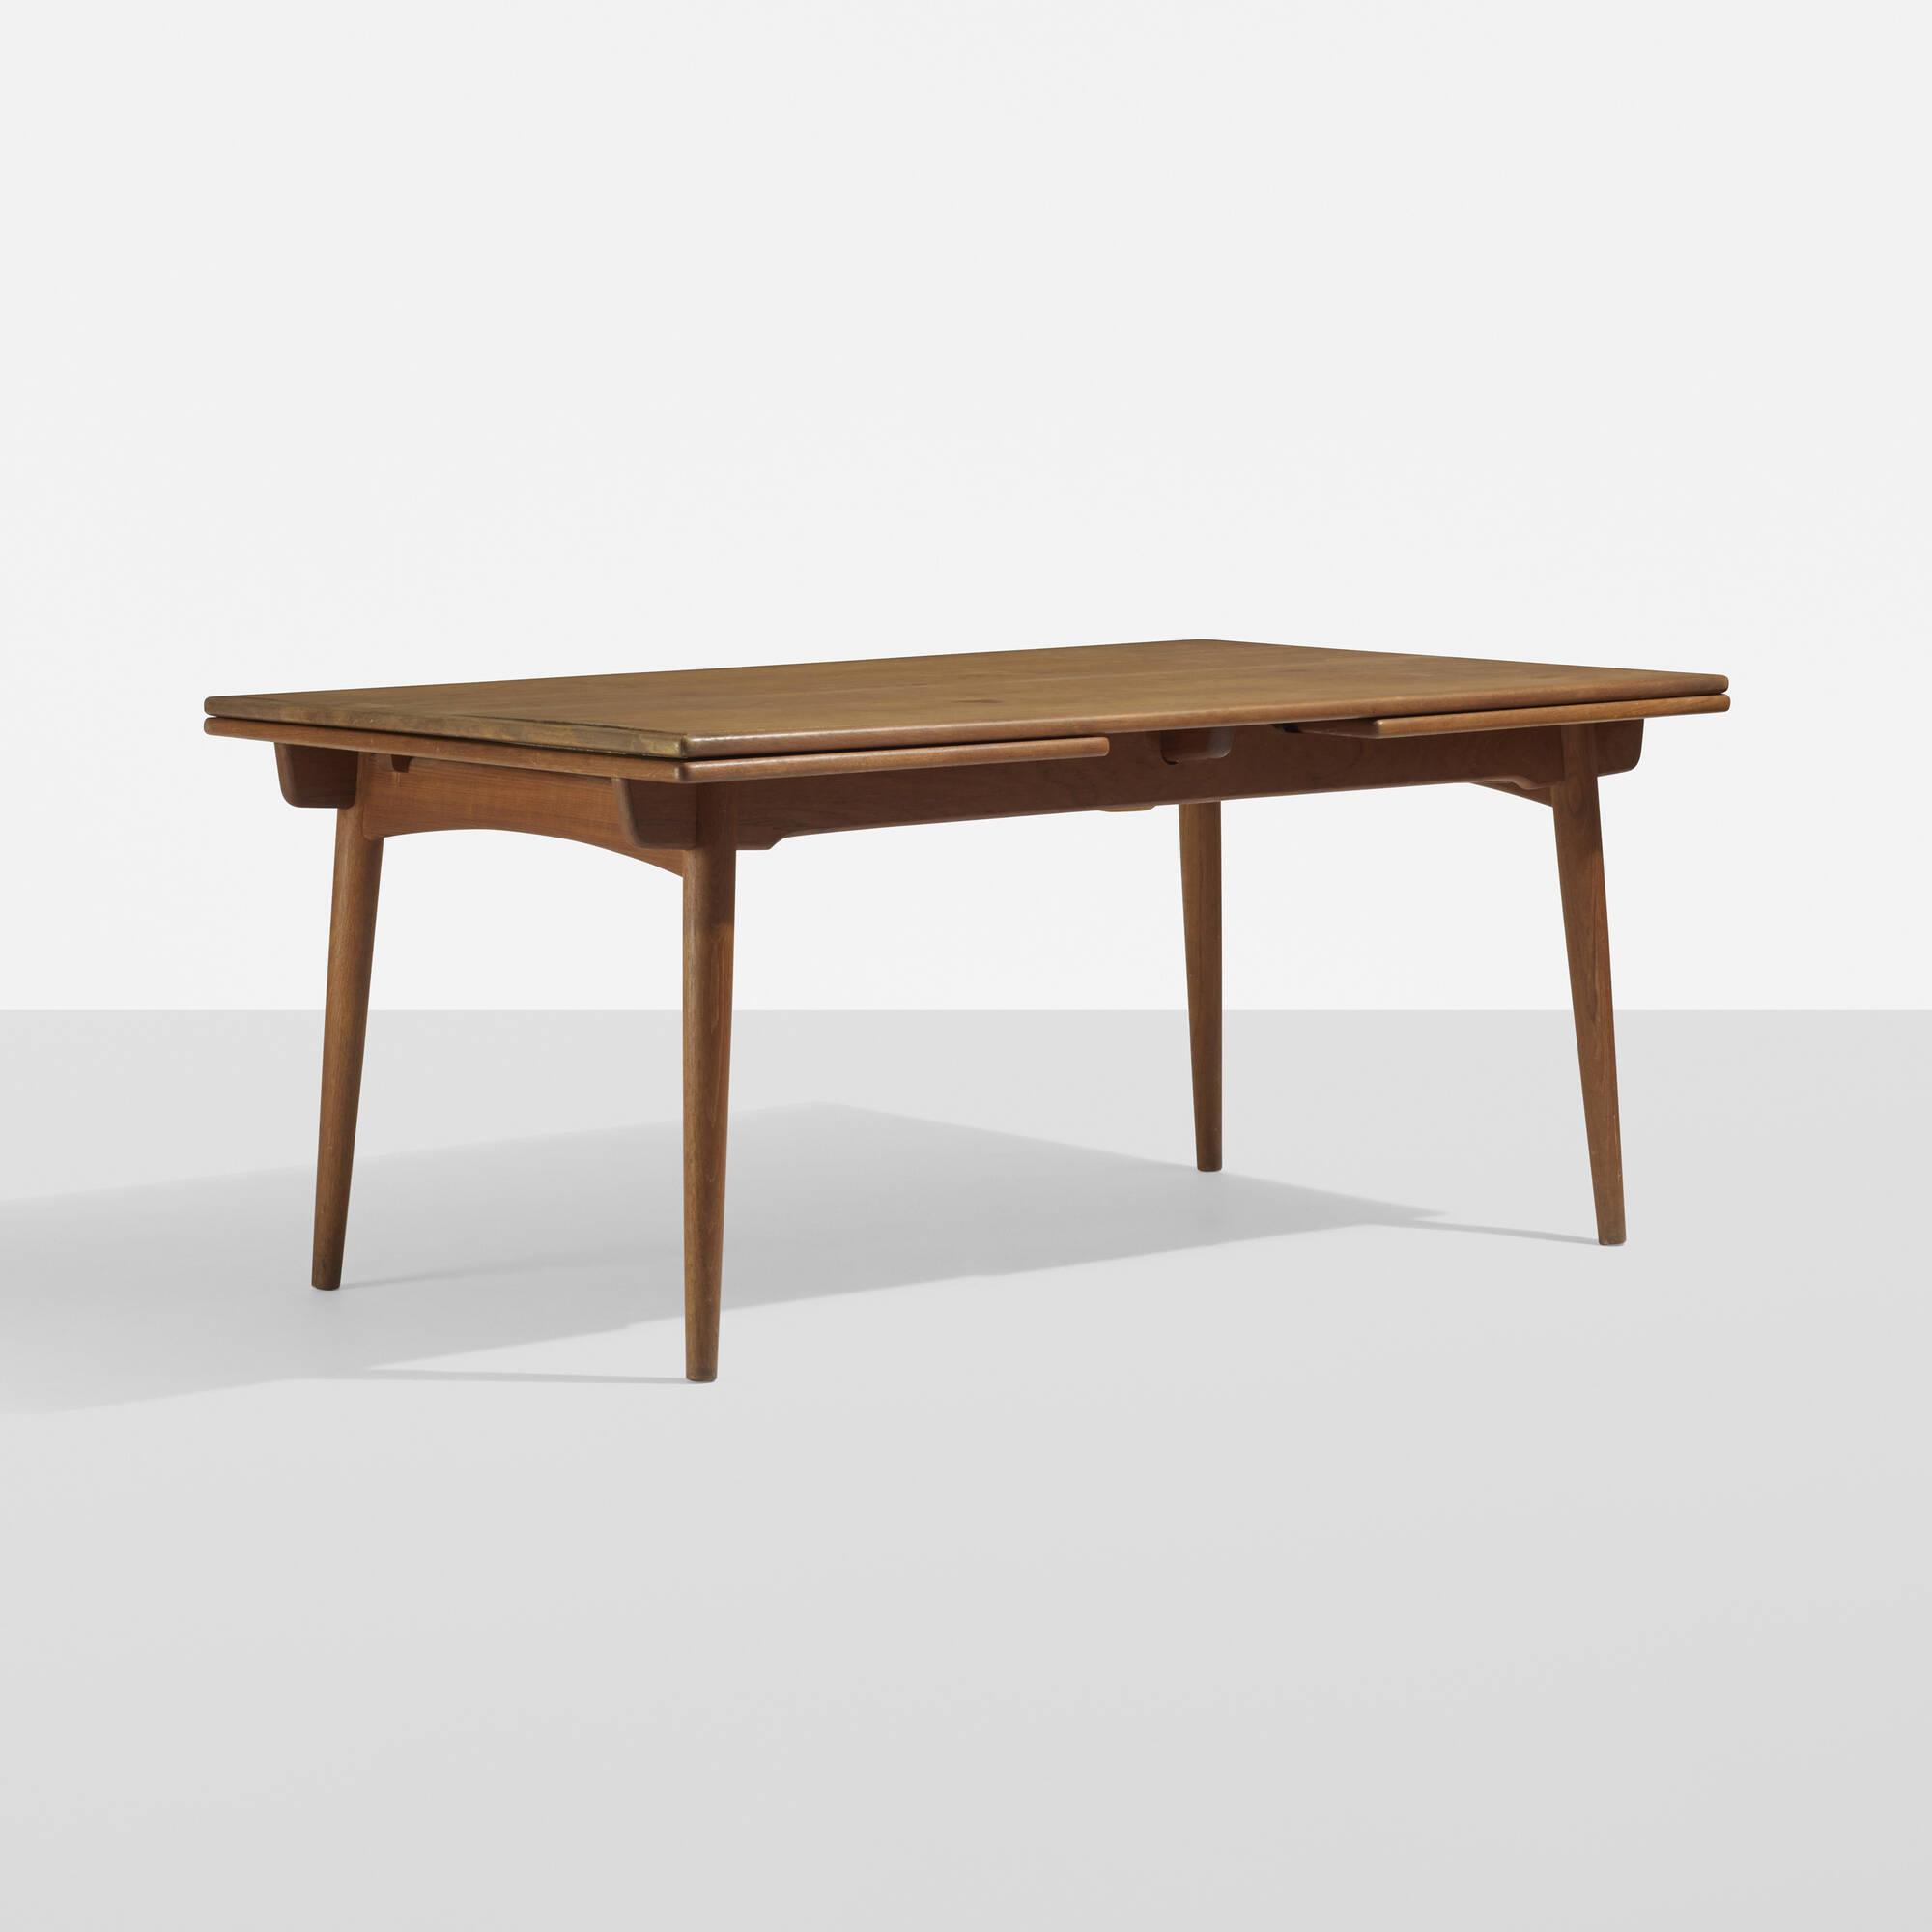 286 Hans J Wegner dining table model AT312 Scandinavian